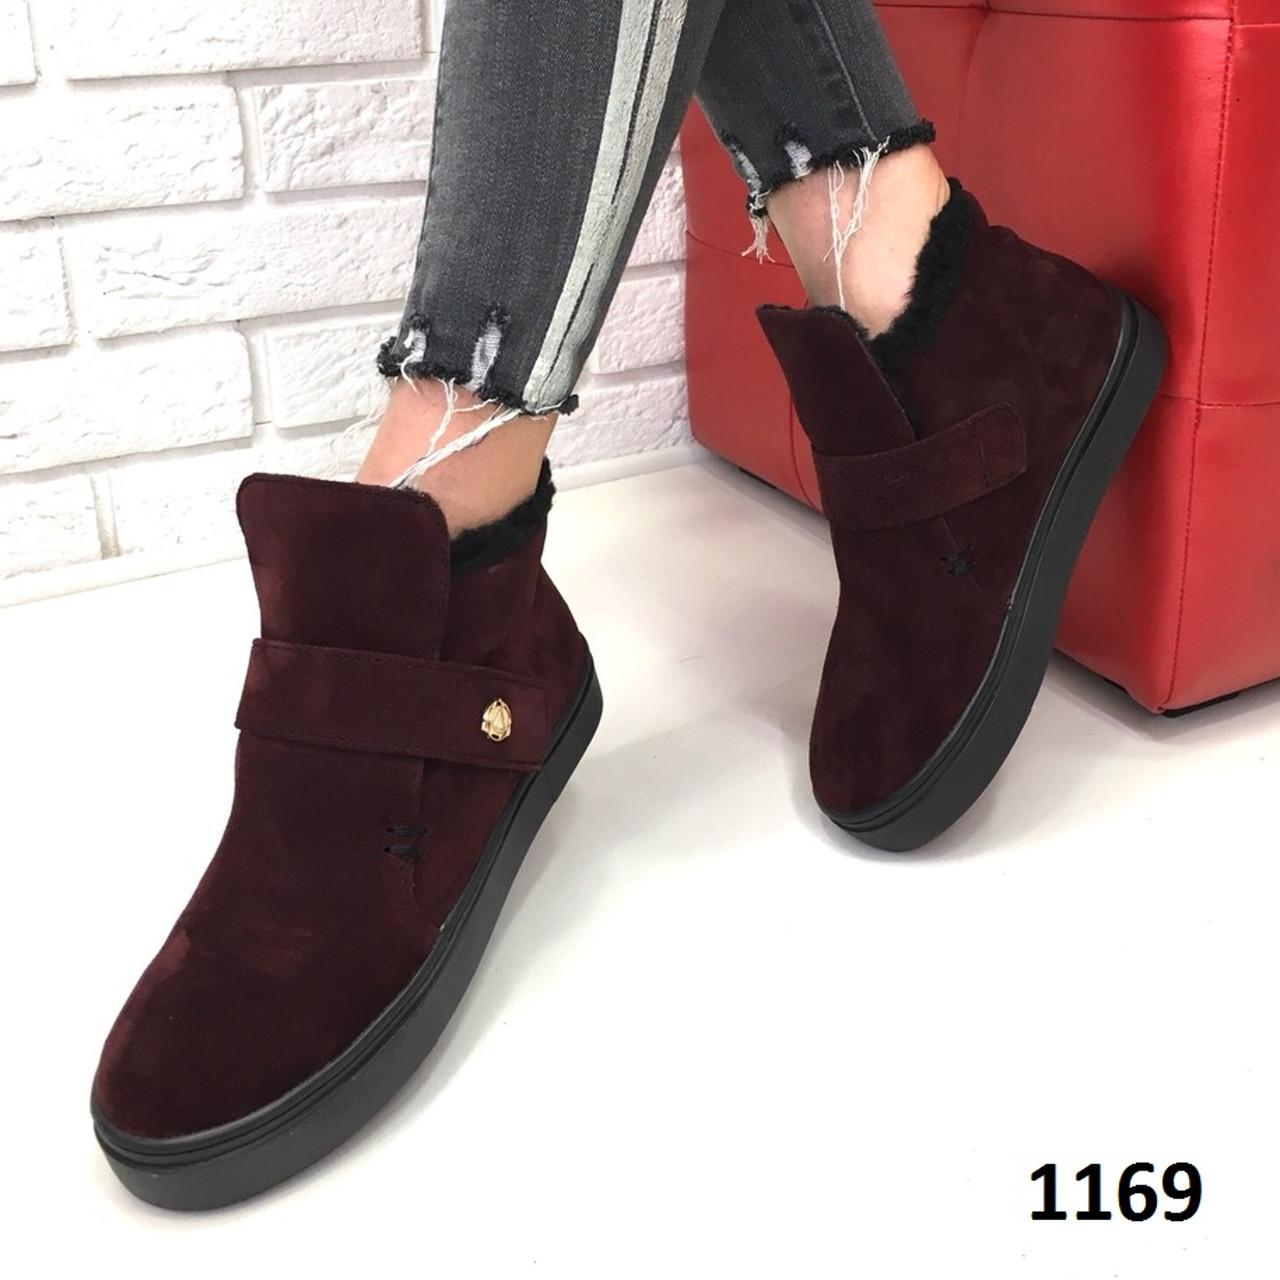 7261a112 Замшевый зимний ботинок (хайтопы) бордовый от компании